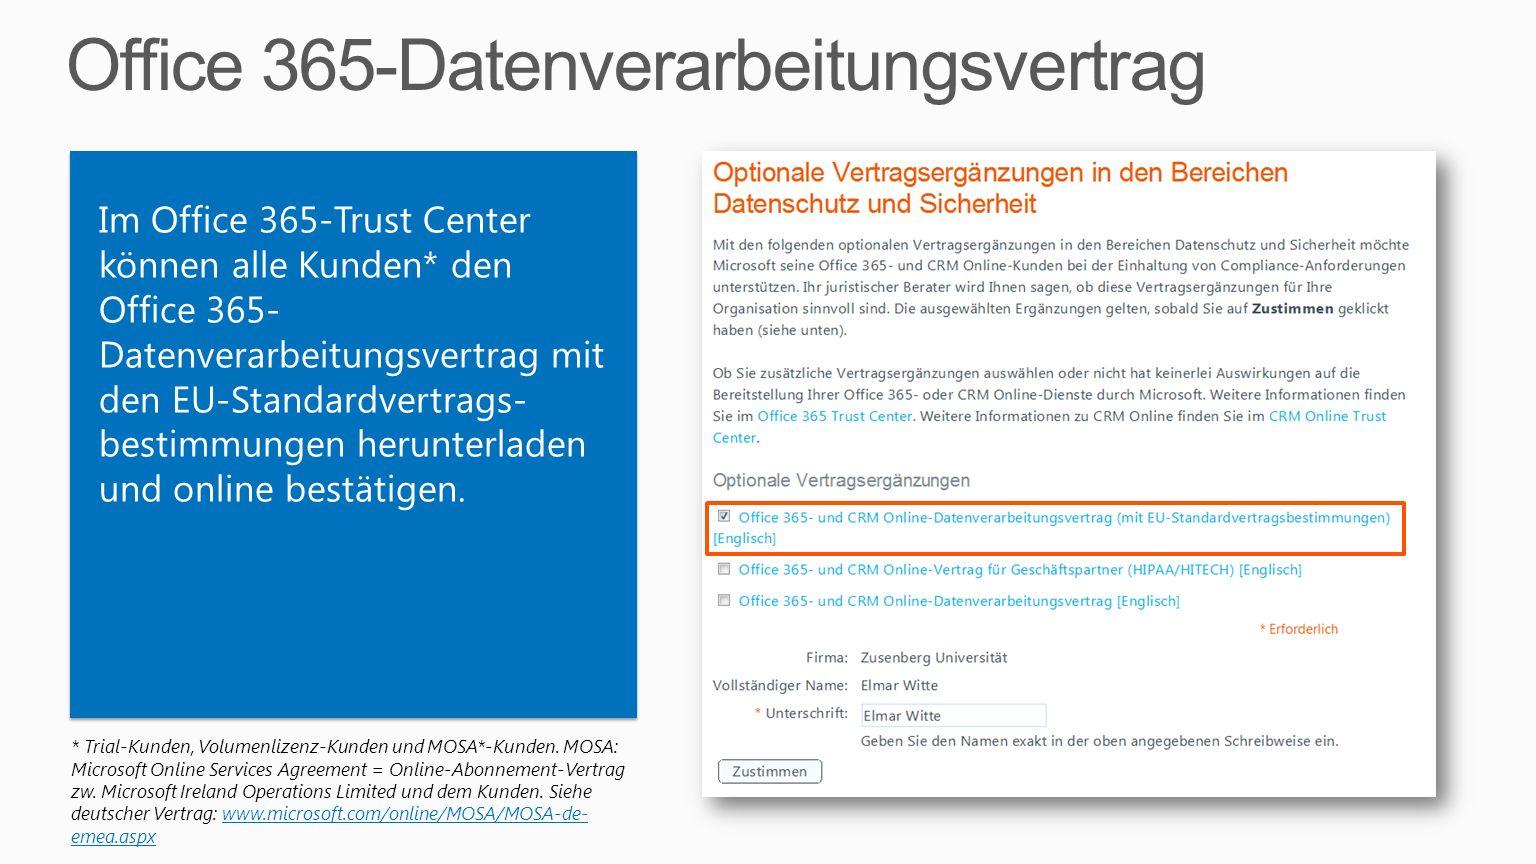 Office 365-Datenverarbeitungsvertrag